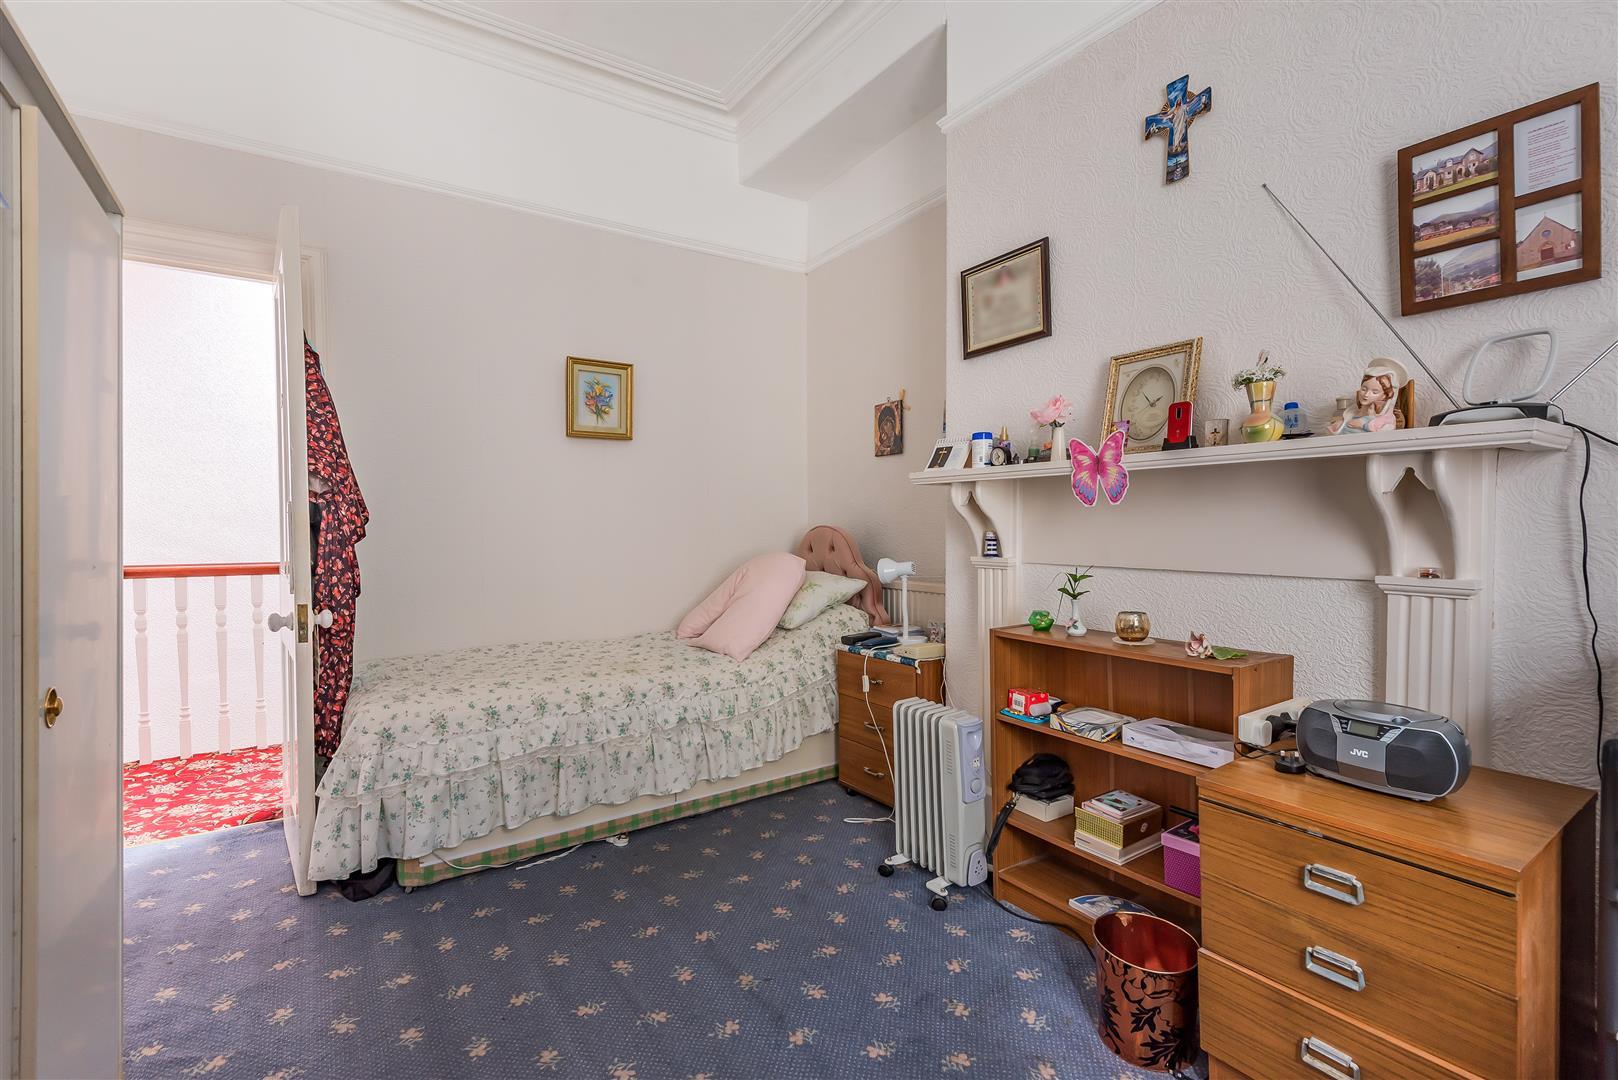 Eaton Crescent, Swansea, SA1 4QL